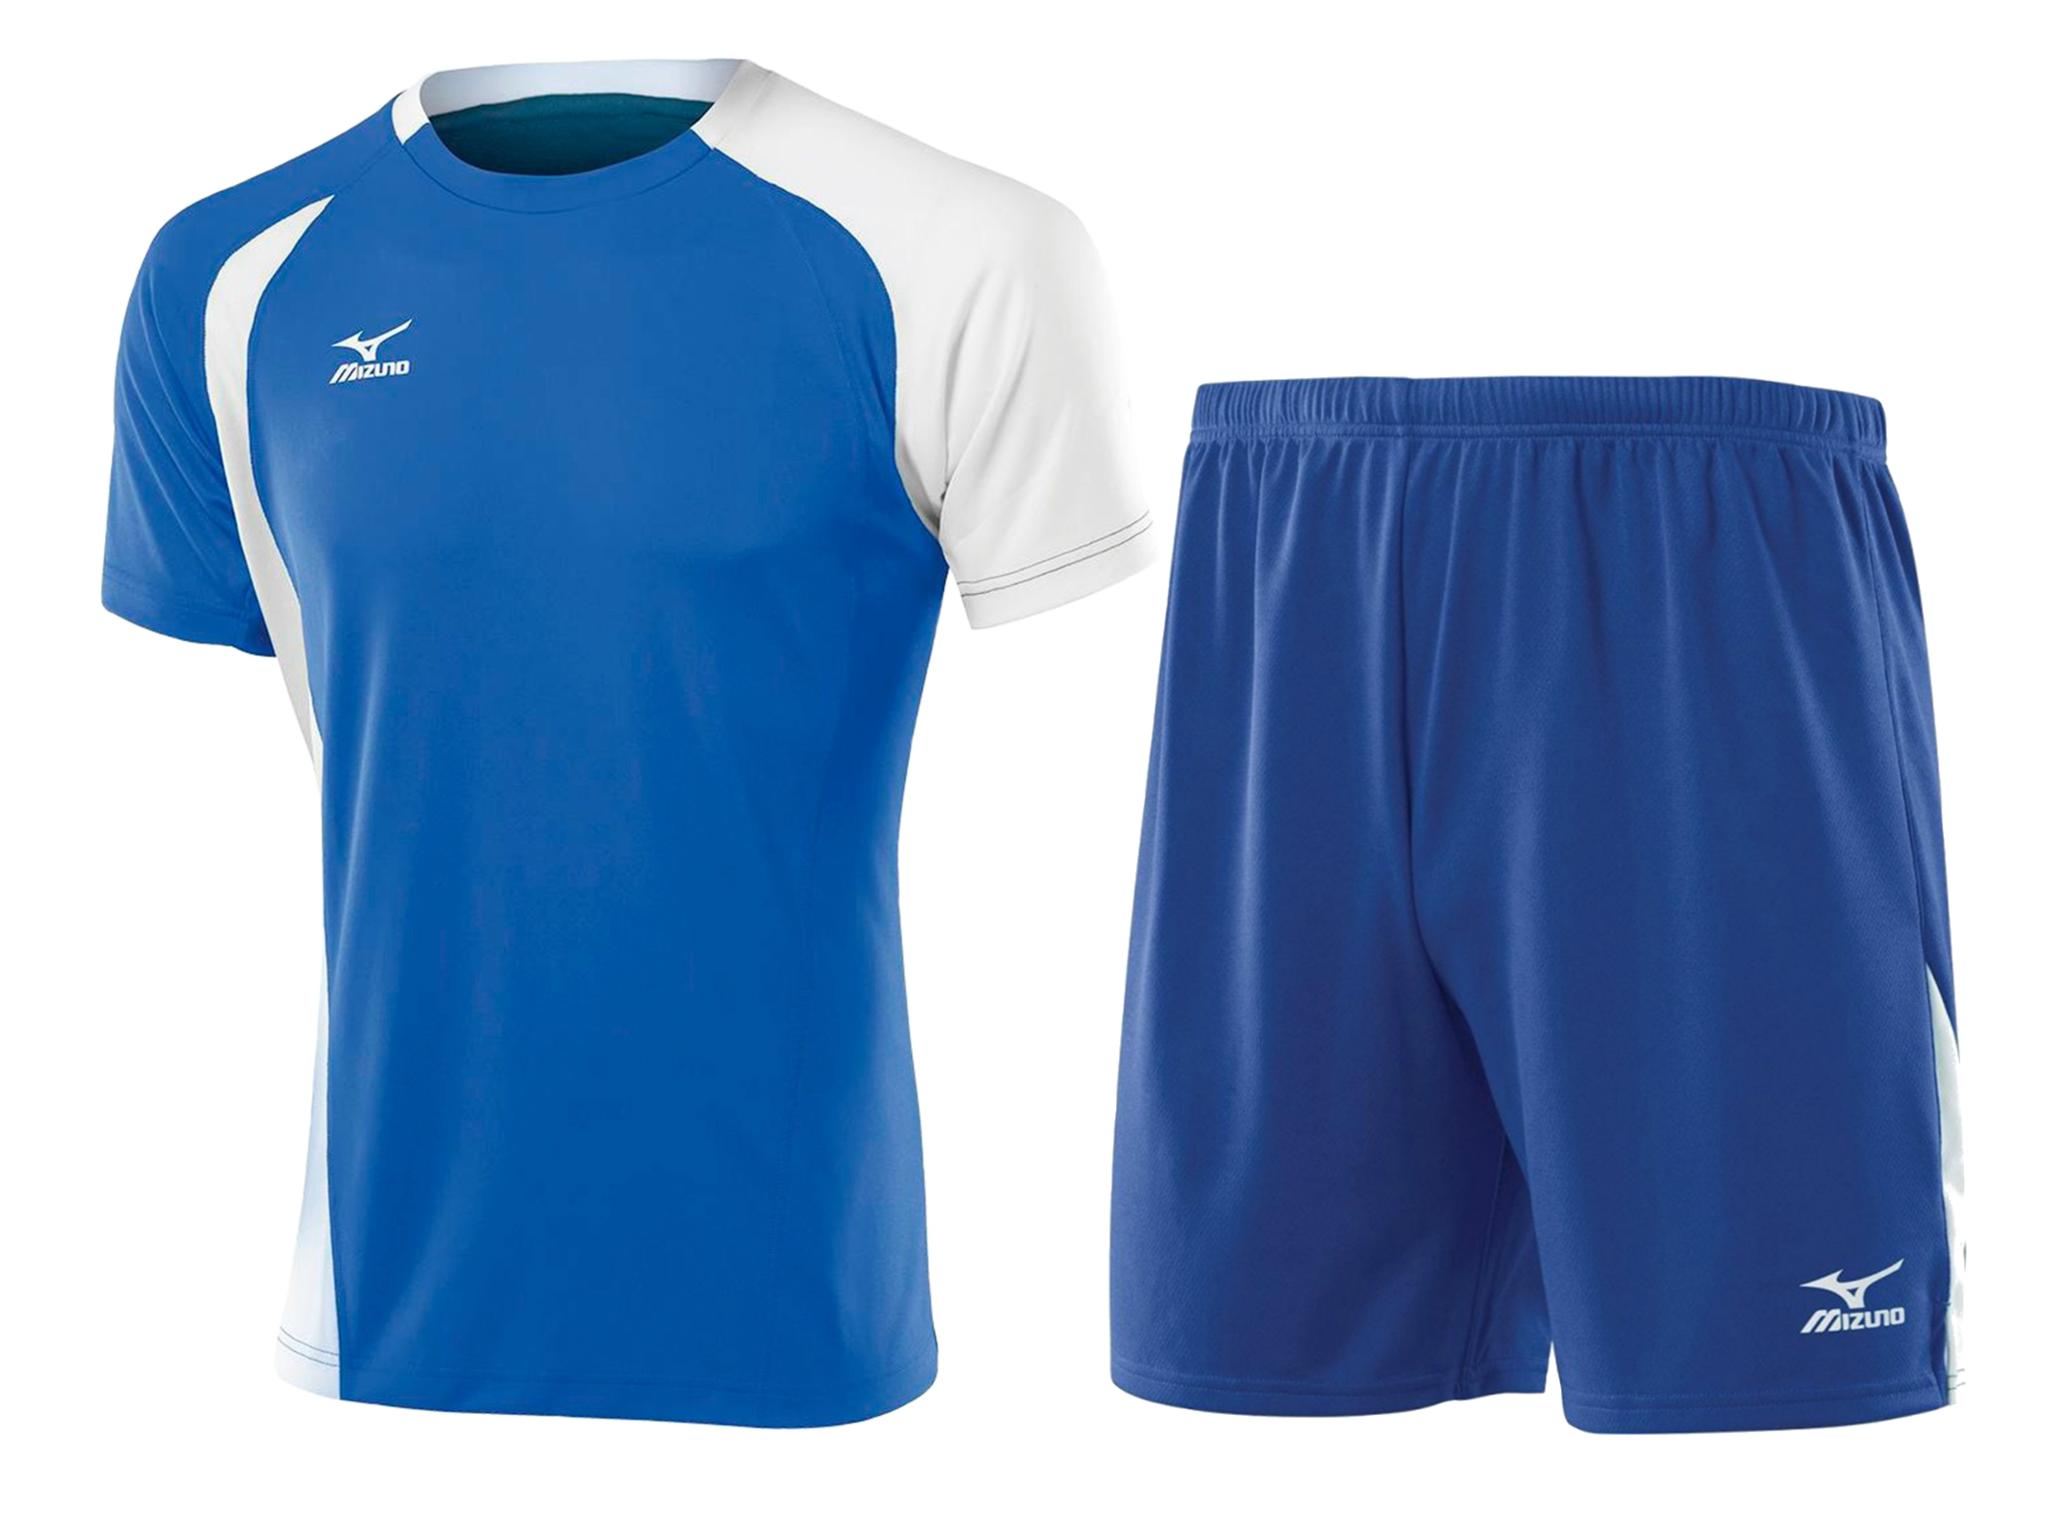 Мужская волейбольная форма Mizuno Trade (59RM352M 27-59HV351M 27) синяя